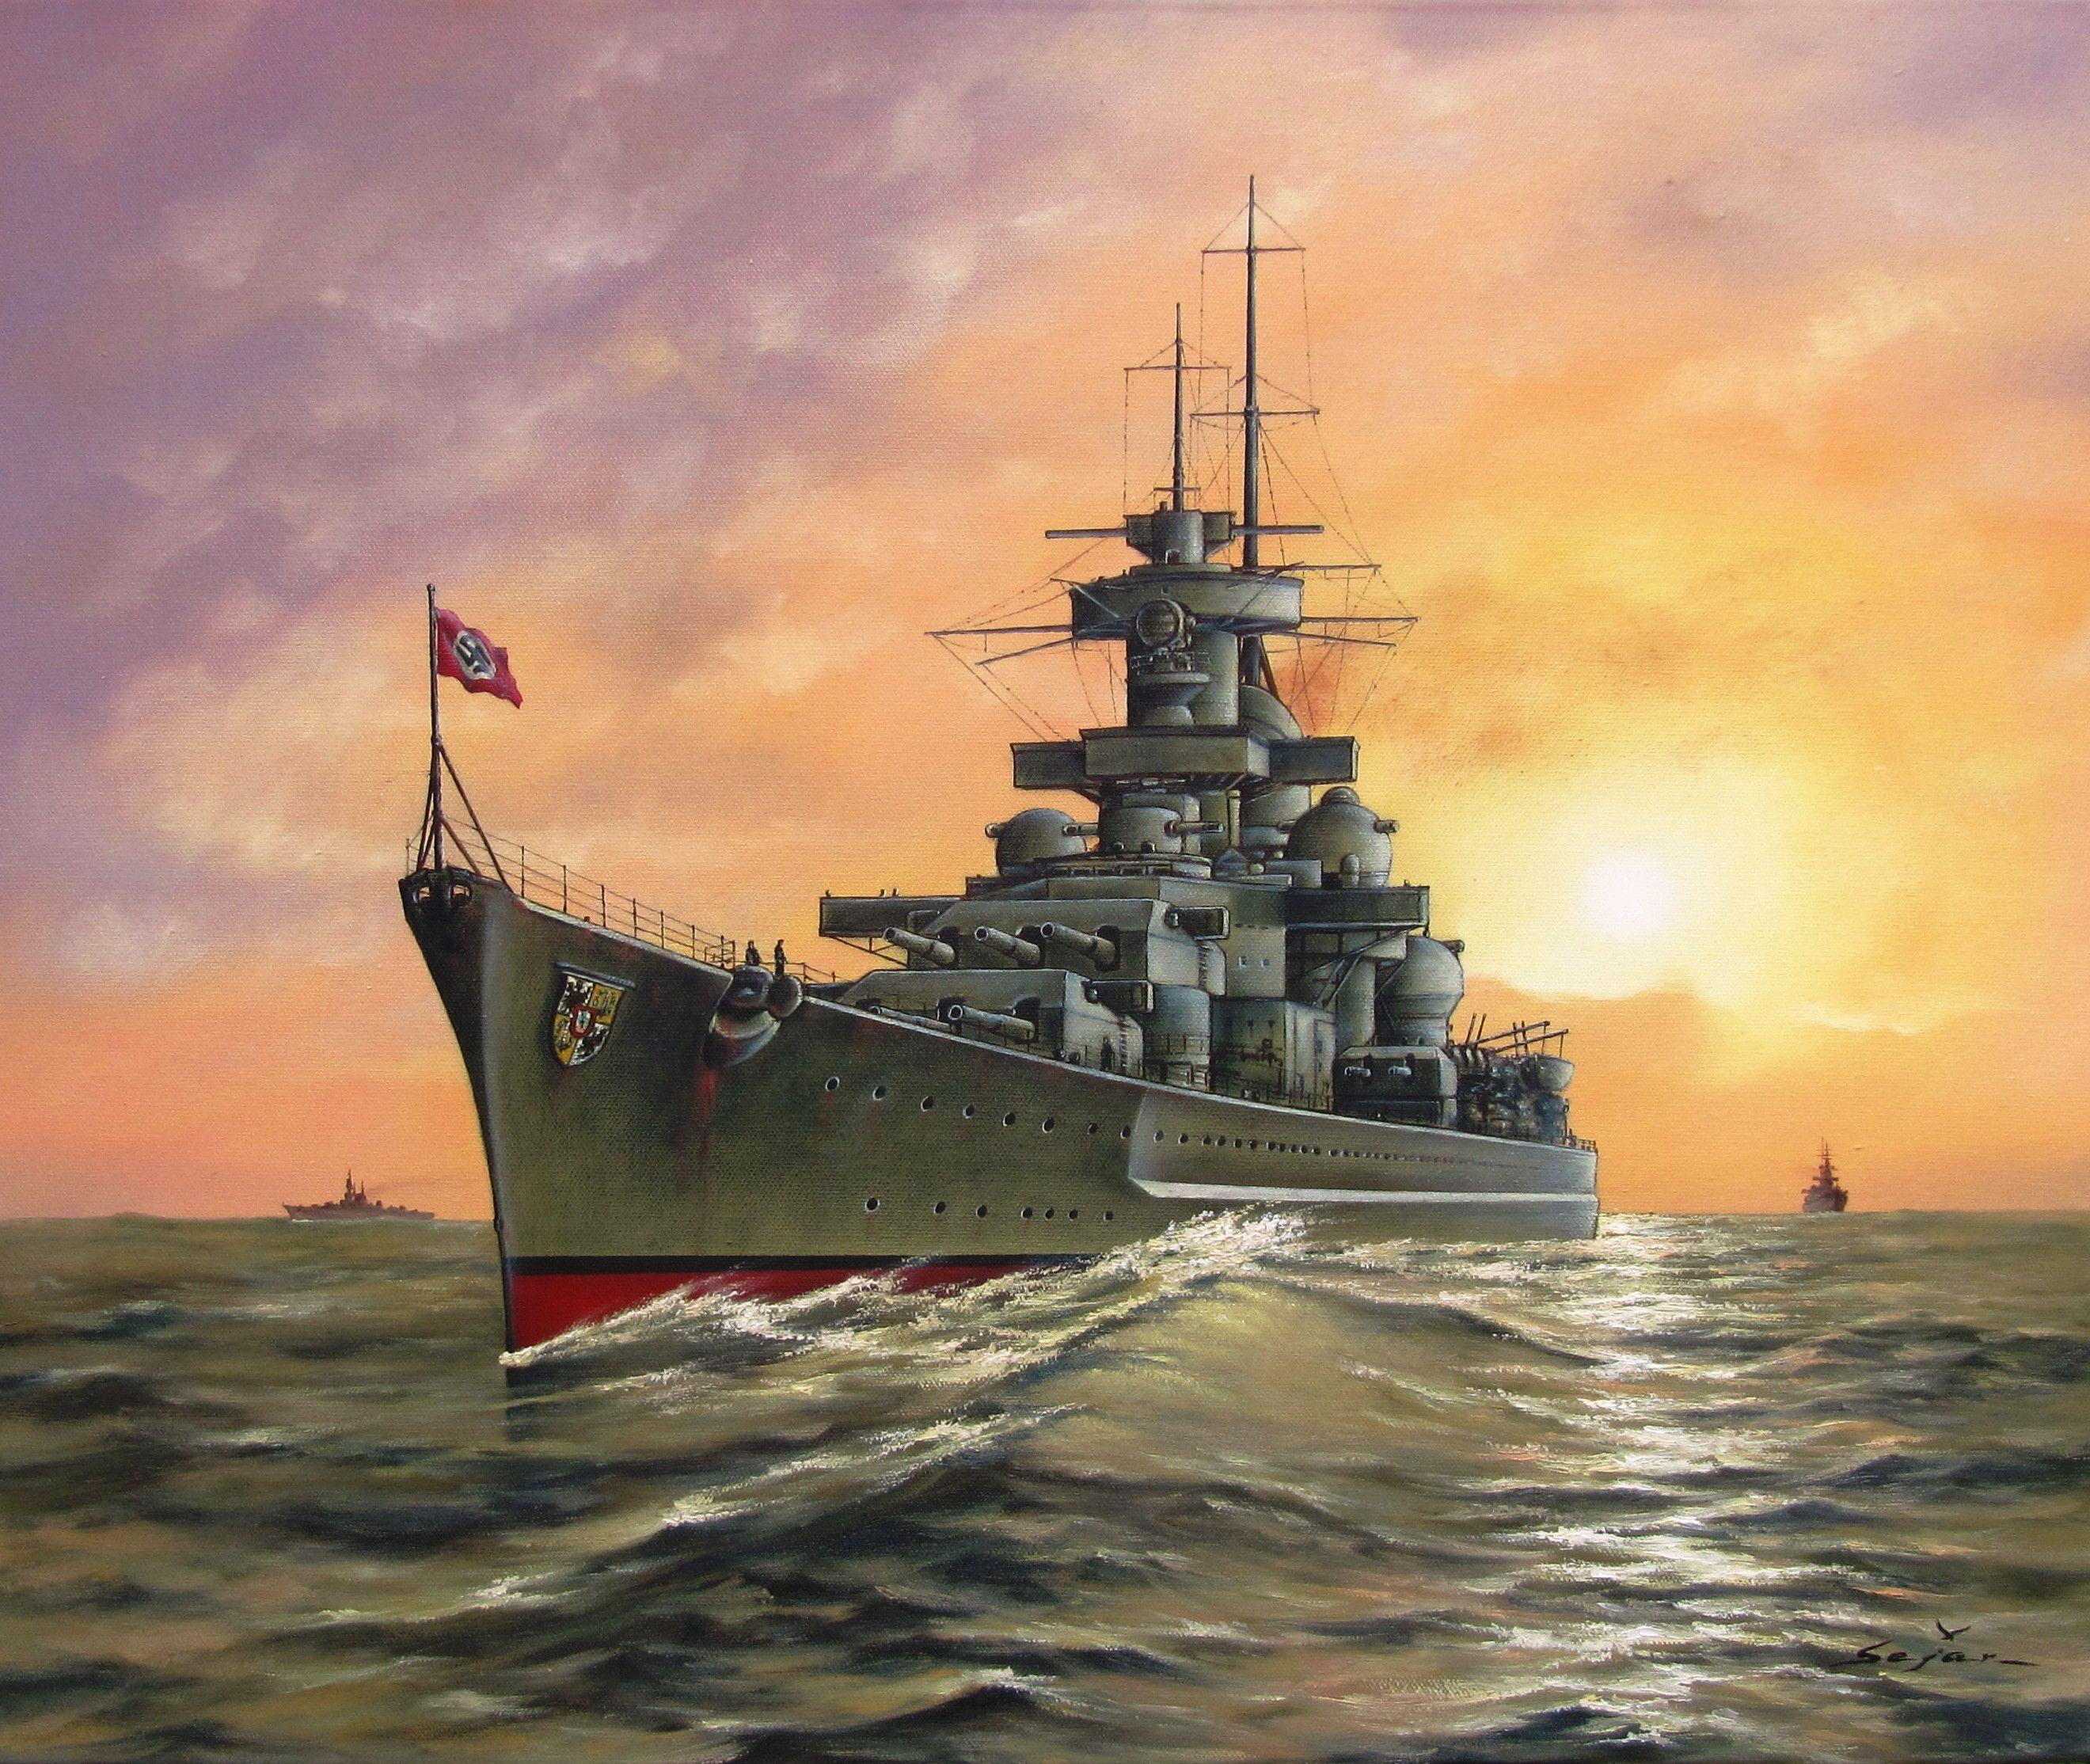 военные корабли цветные картинки удовольствием демонстрирует